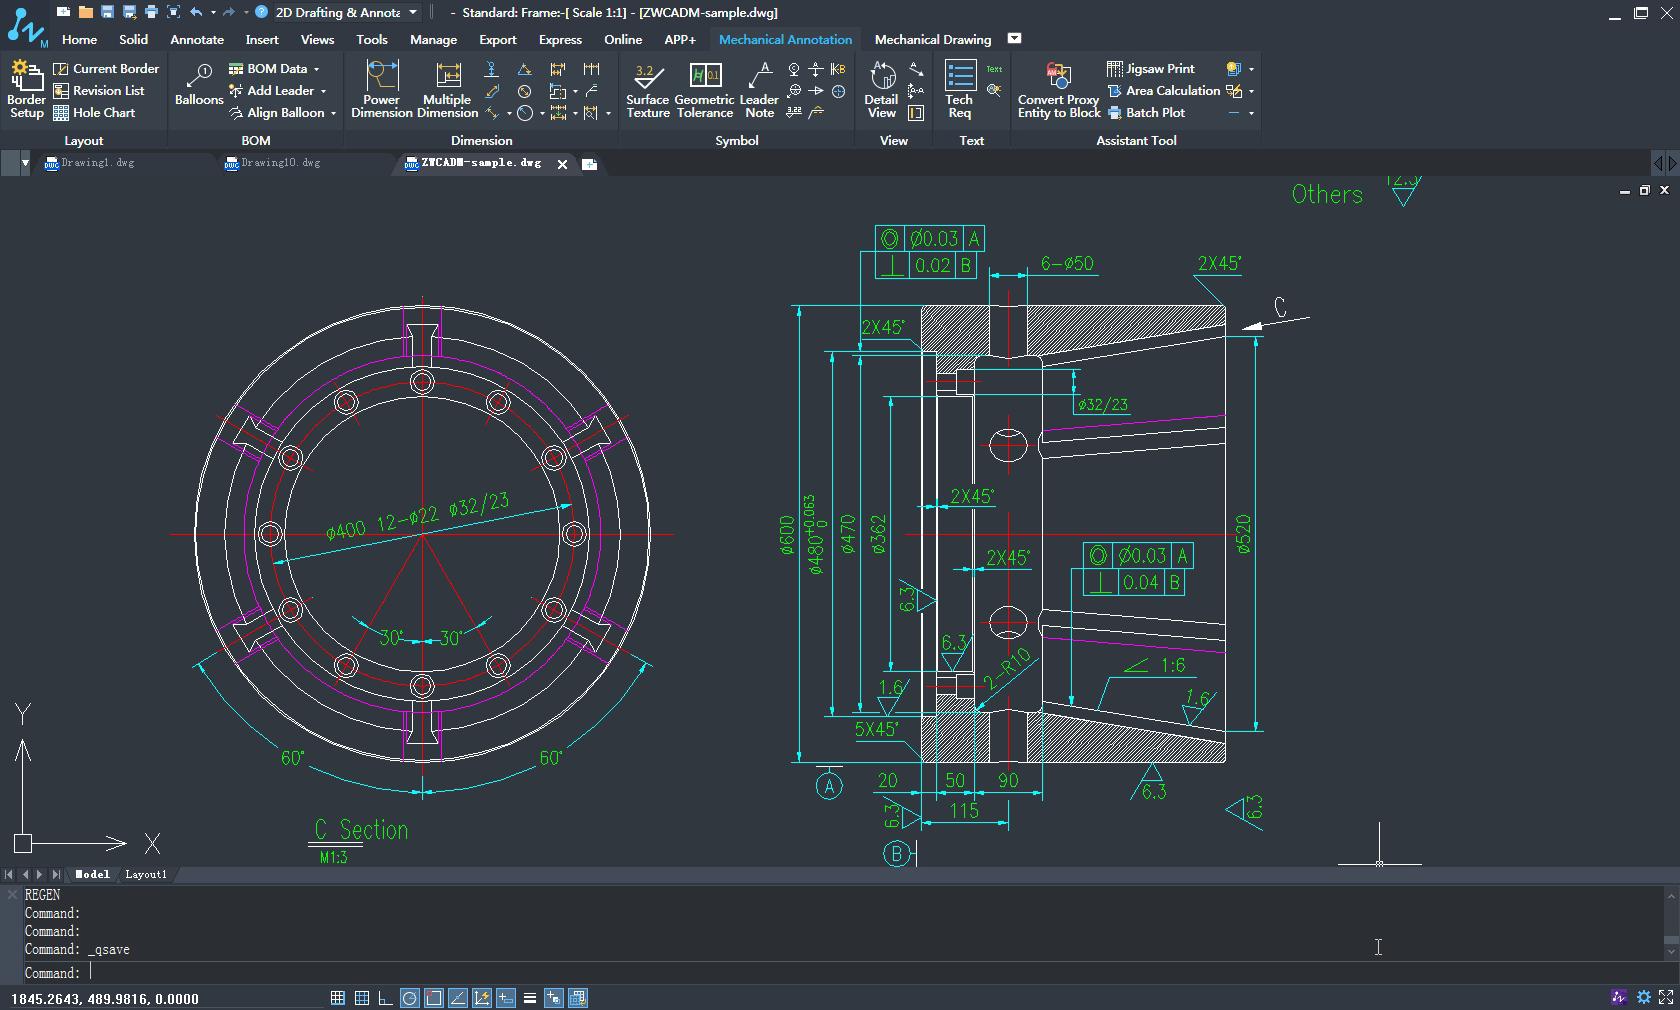 Kompatybilność programu ZWCAD Mechanical z innymi programami CAD